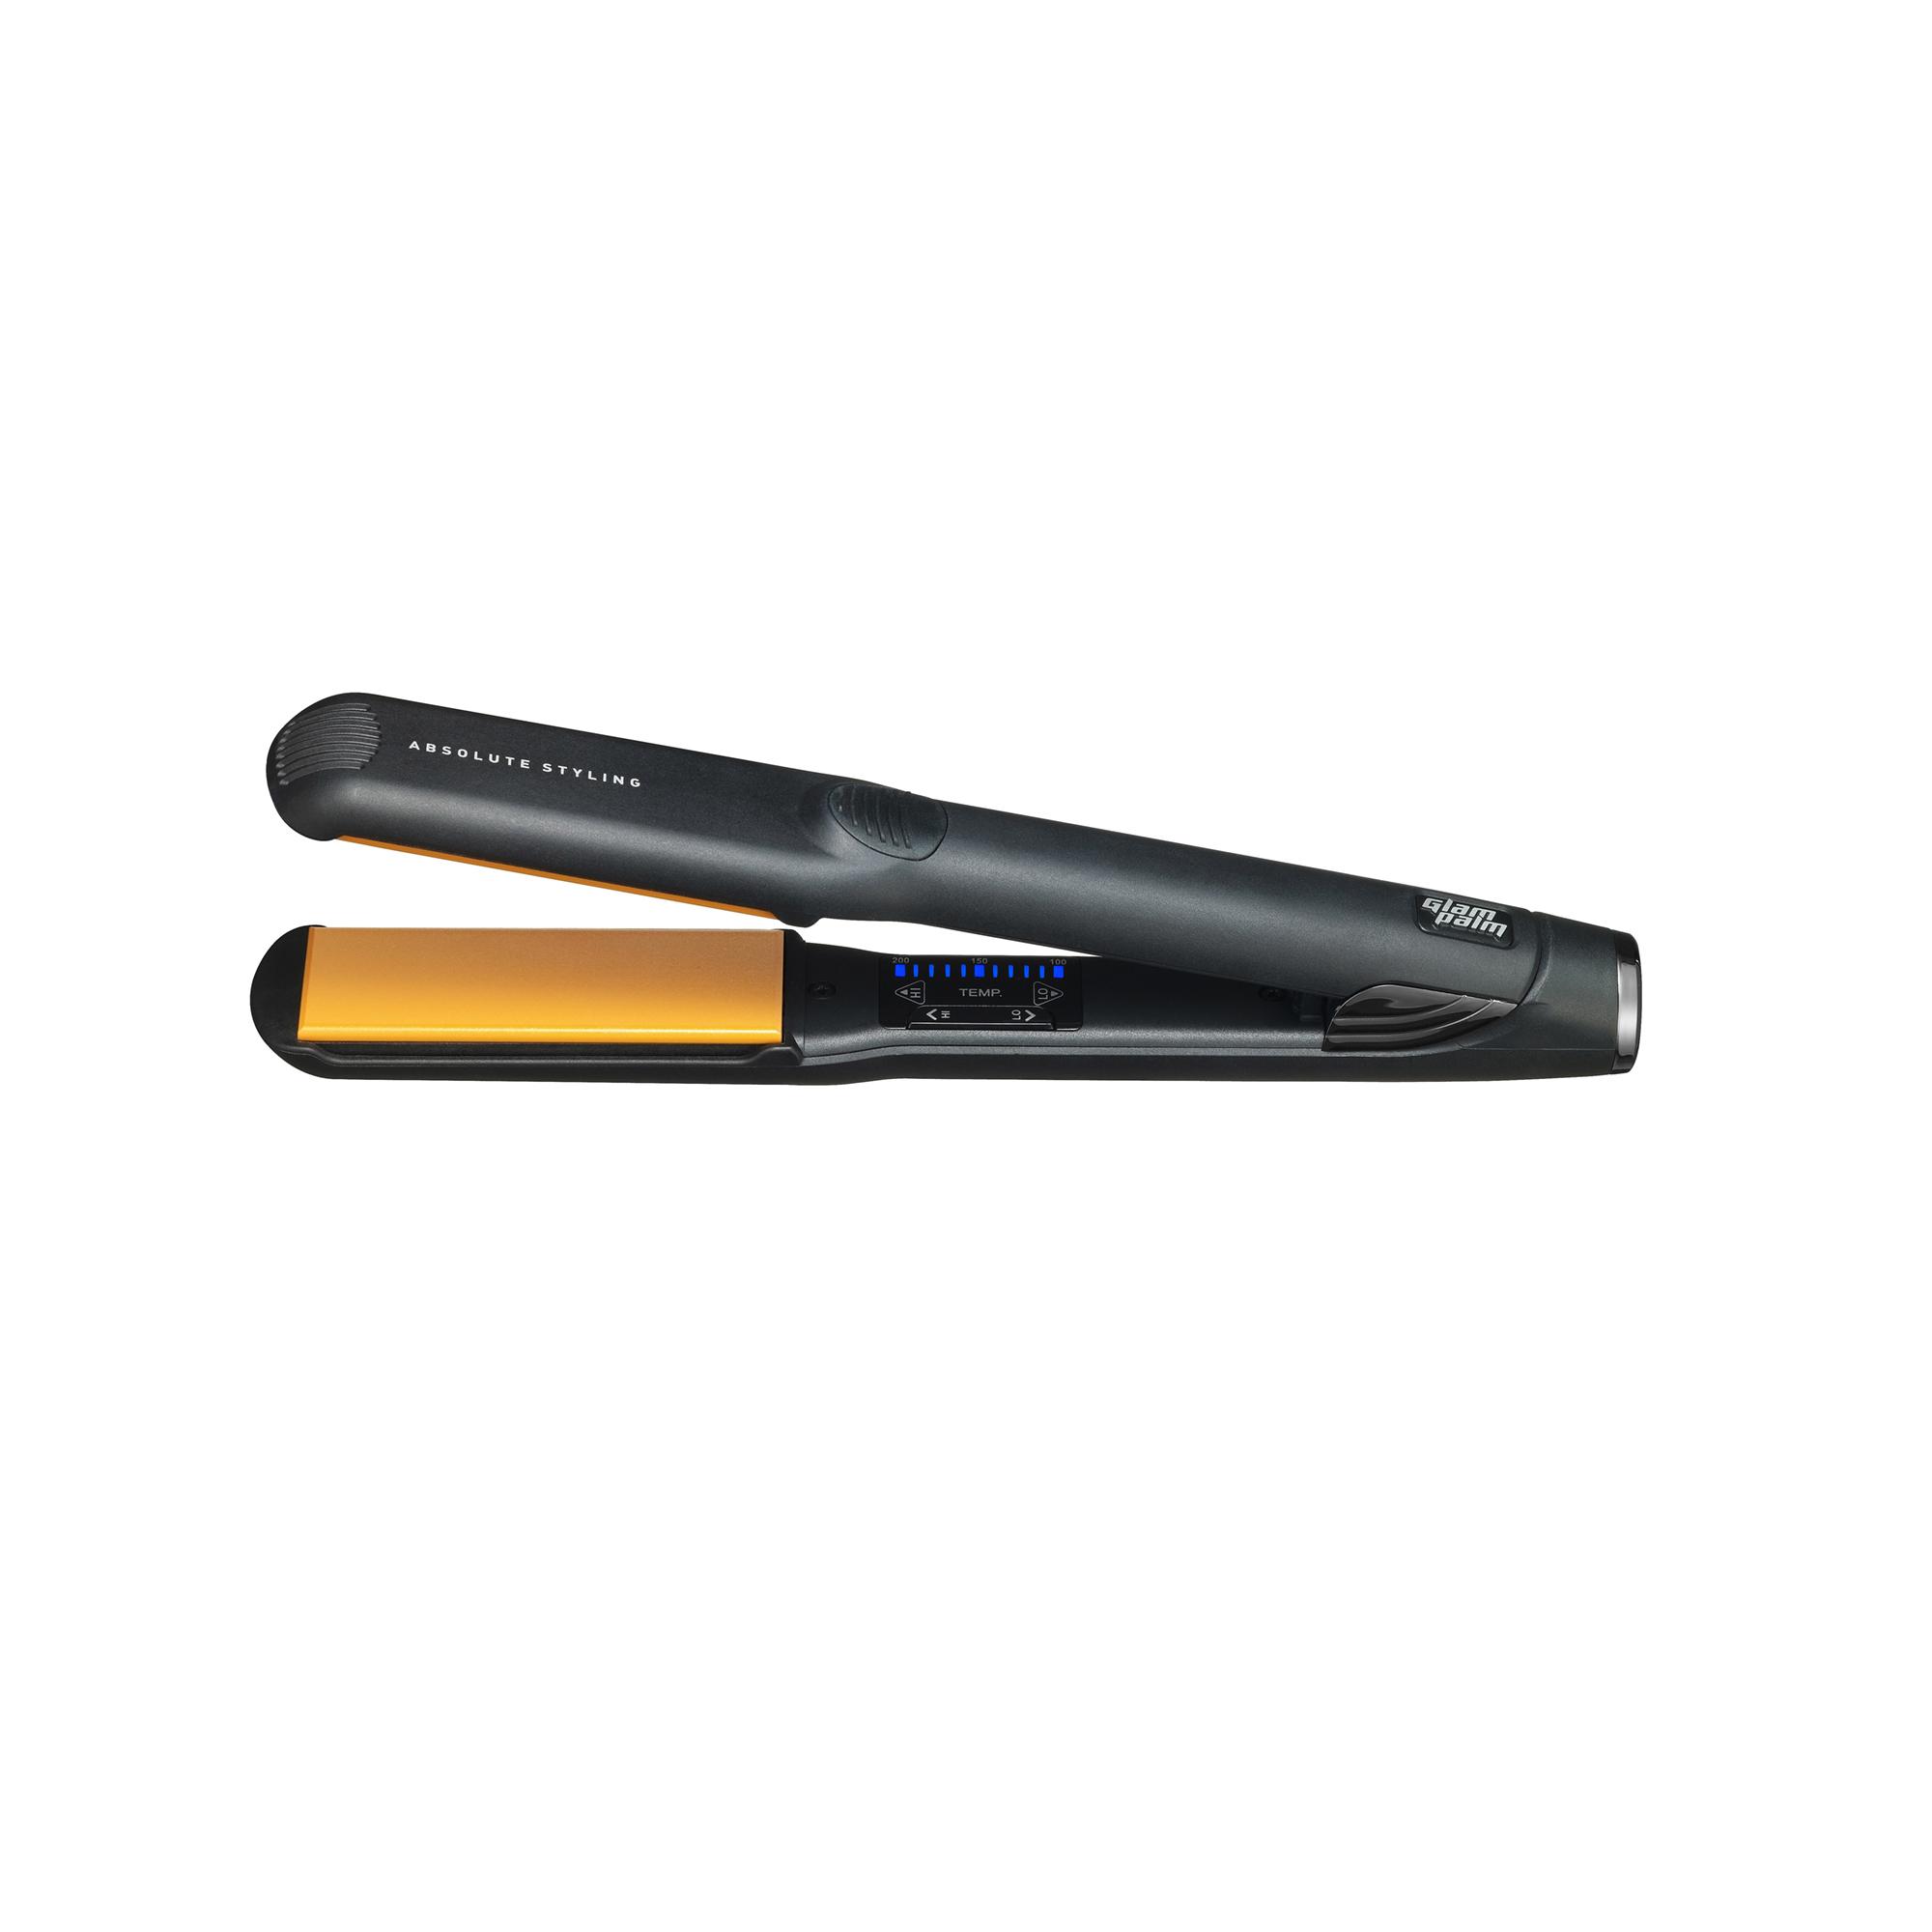 글램팜 플랫 매직기 대 GP313, 혼합색상